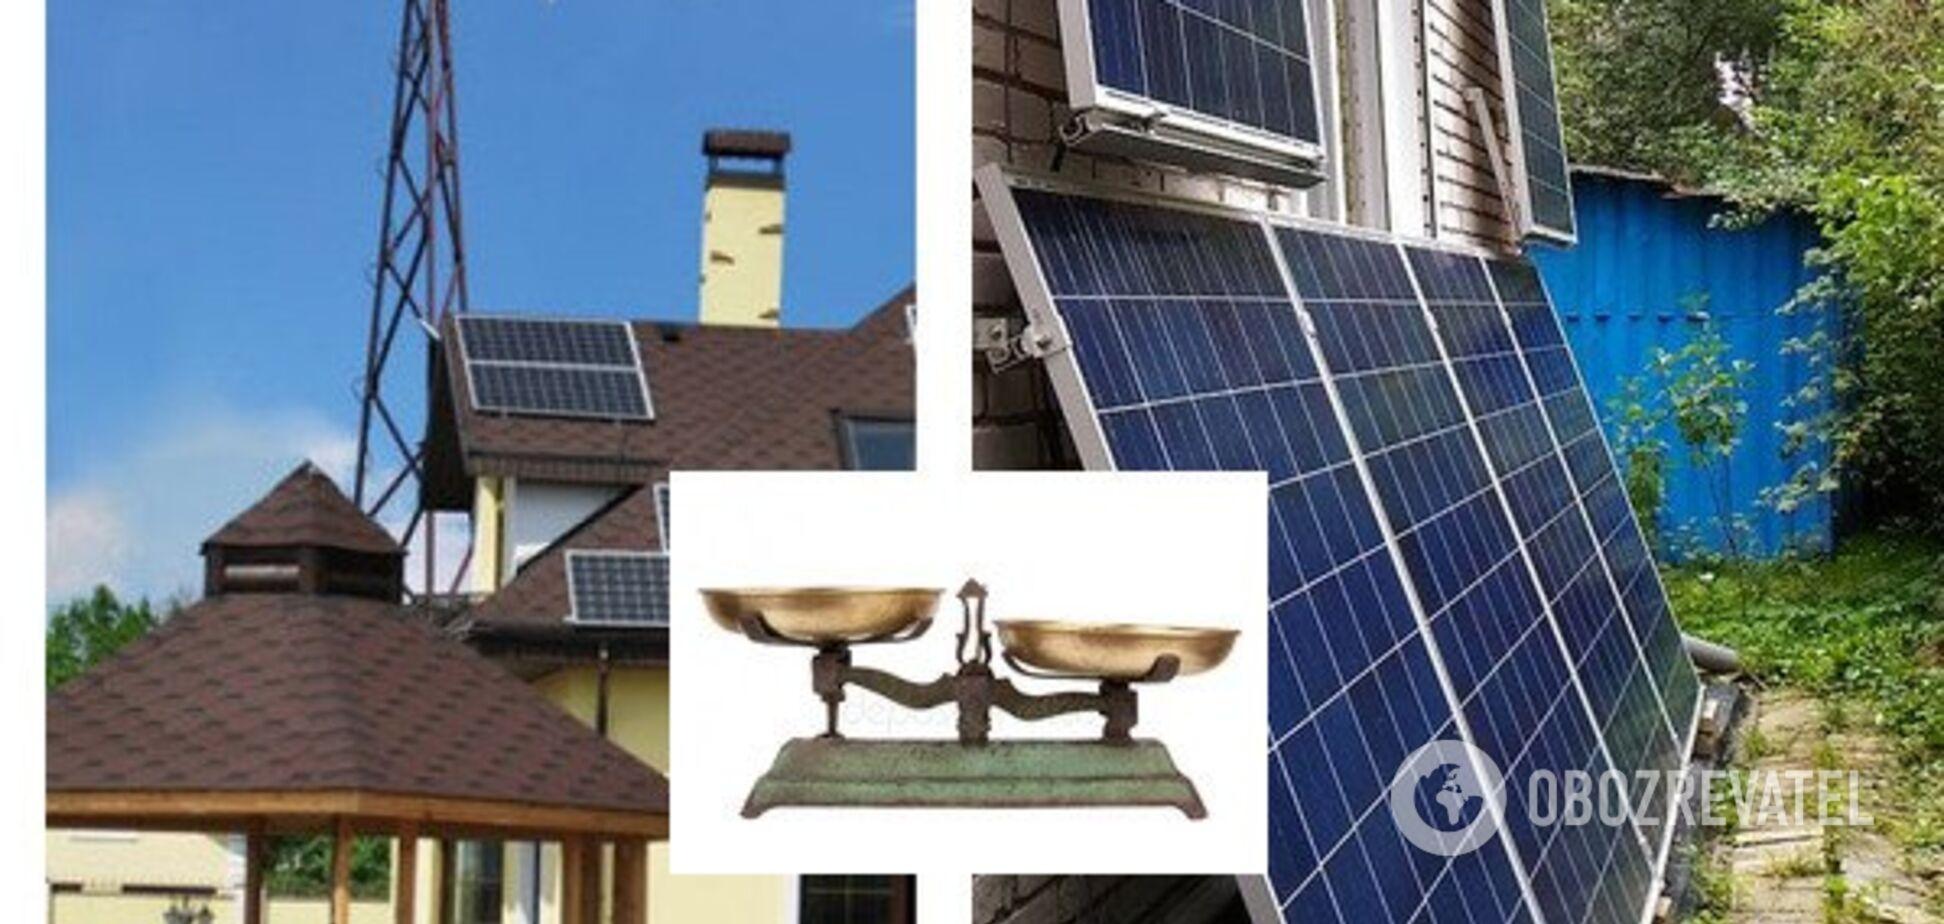 Сонце чи вітер: що більш охоче обирають українці для домашніх електростанцій